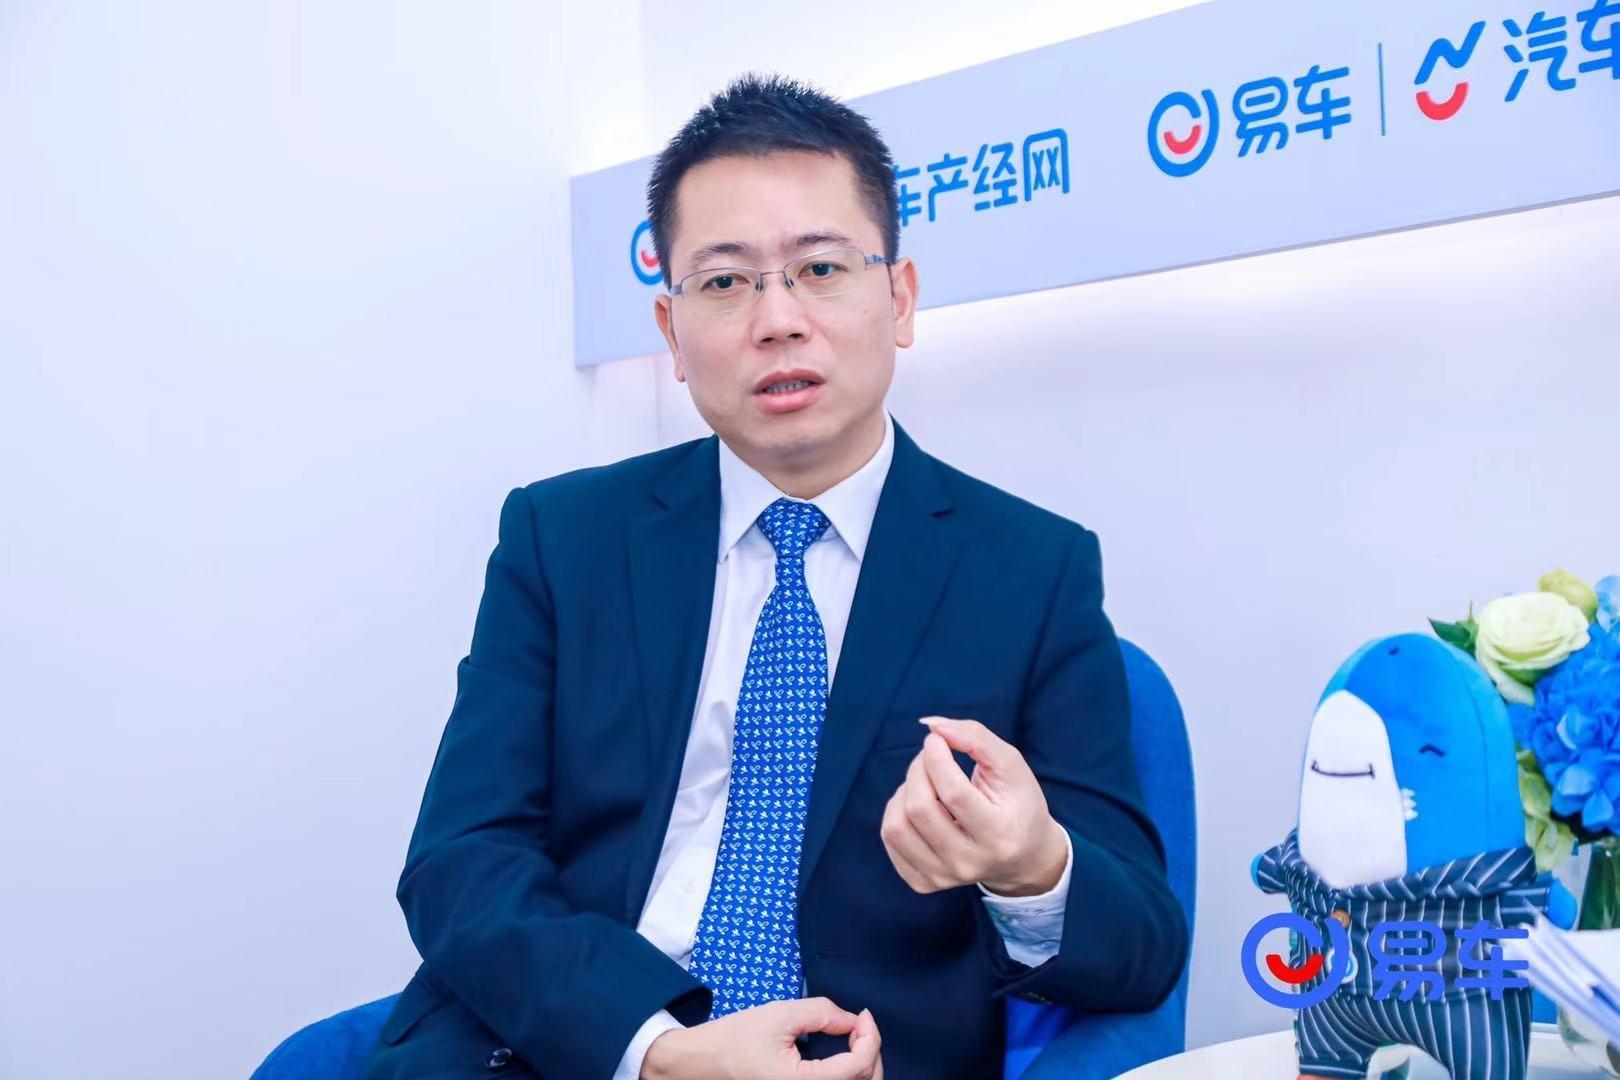 黄恒:威兰达广州车展全球首发,补齐广丰SUV产品序列|汽车产经